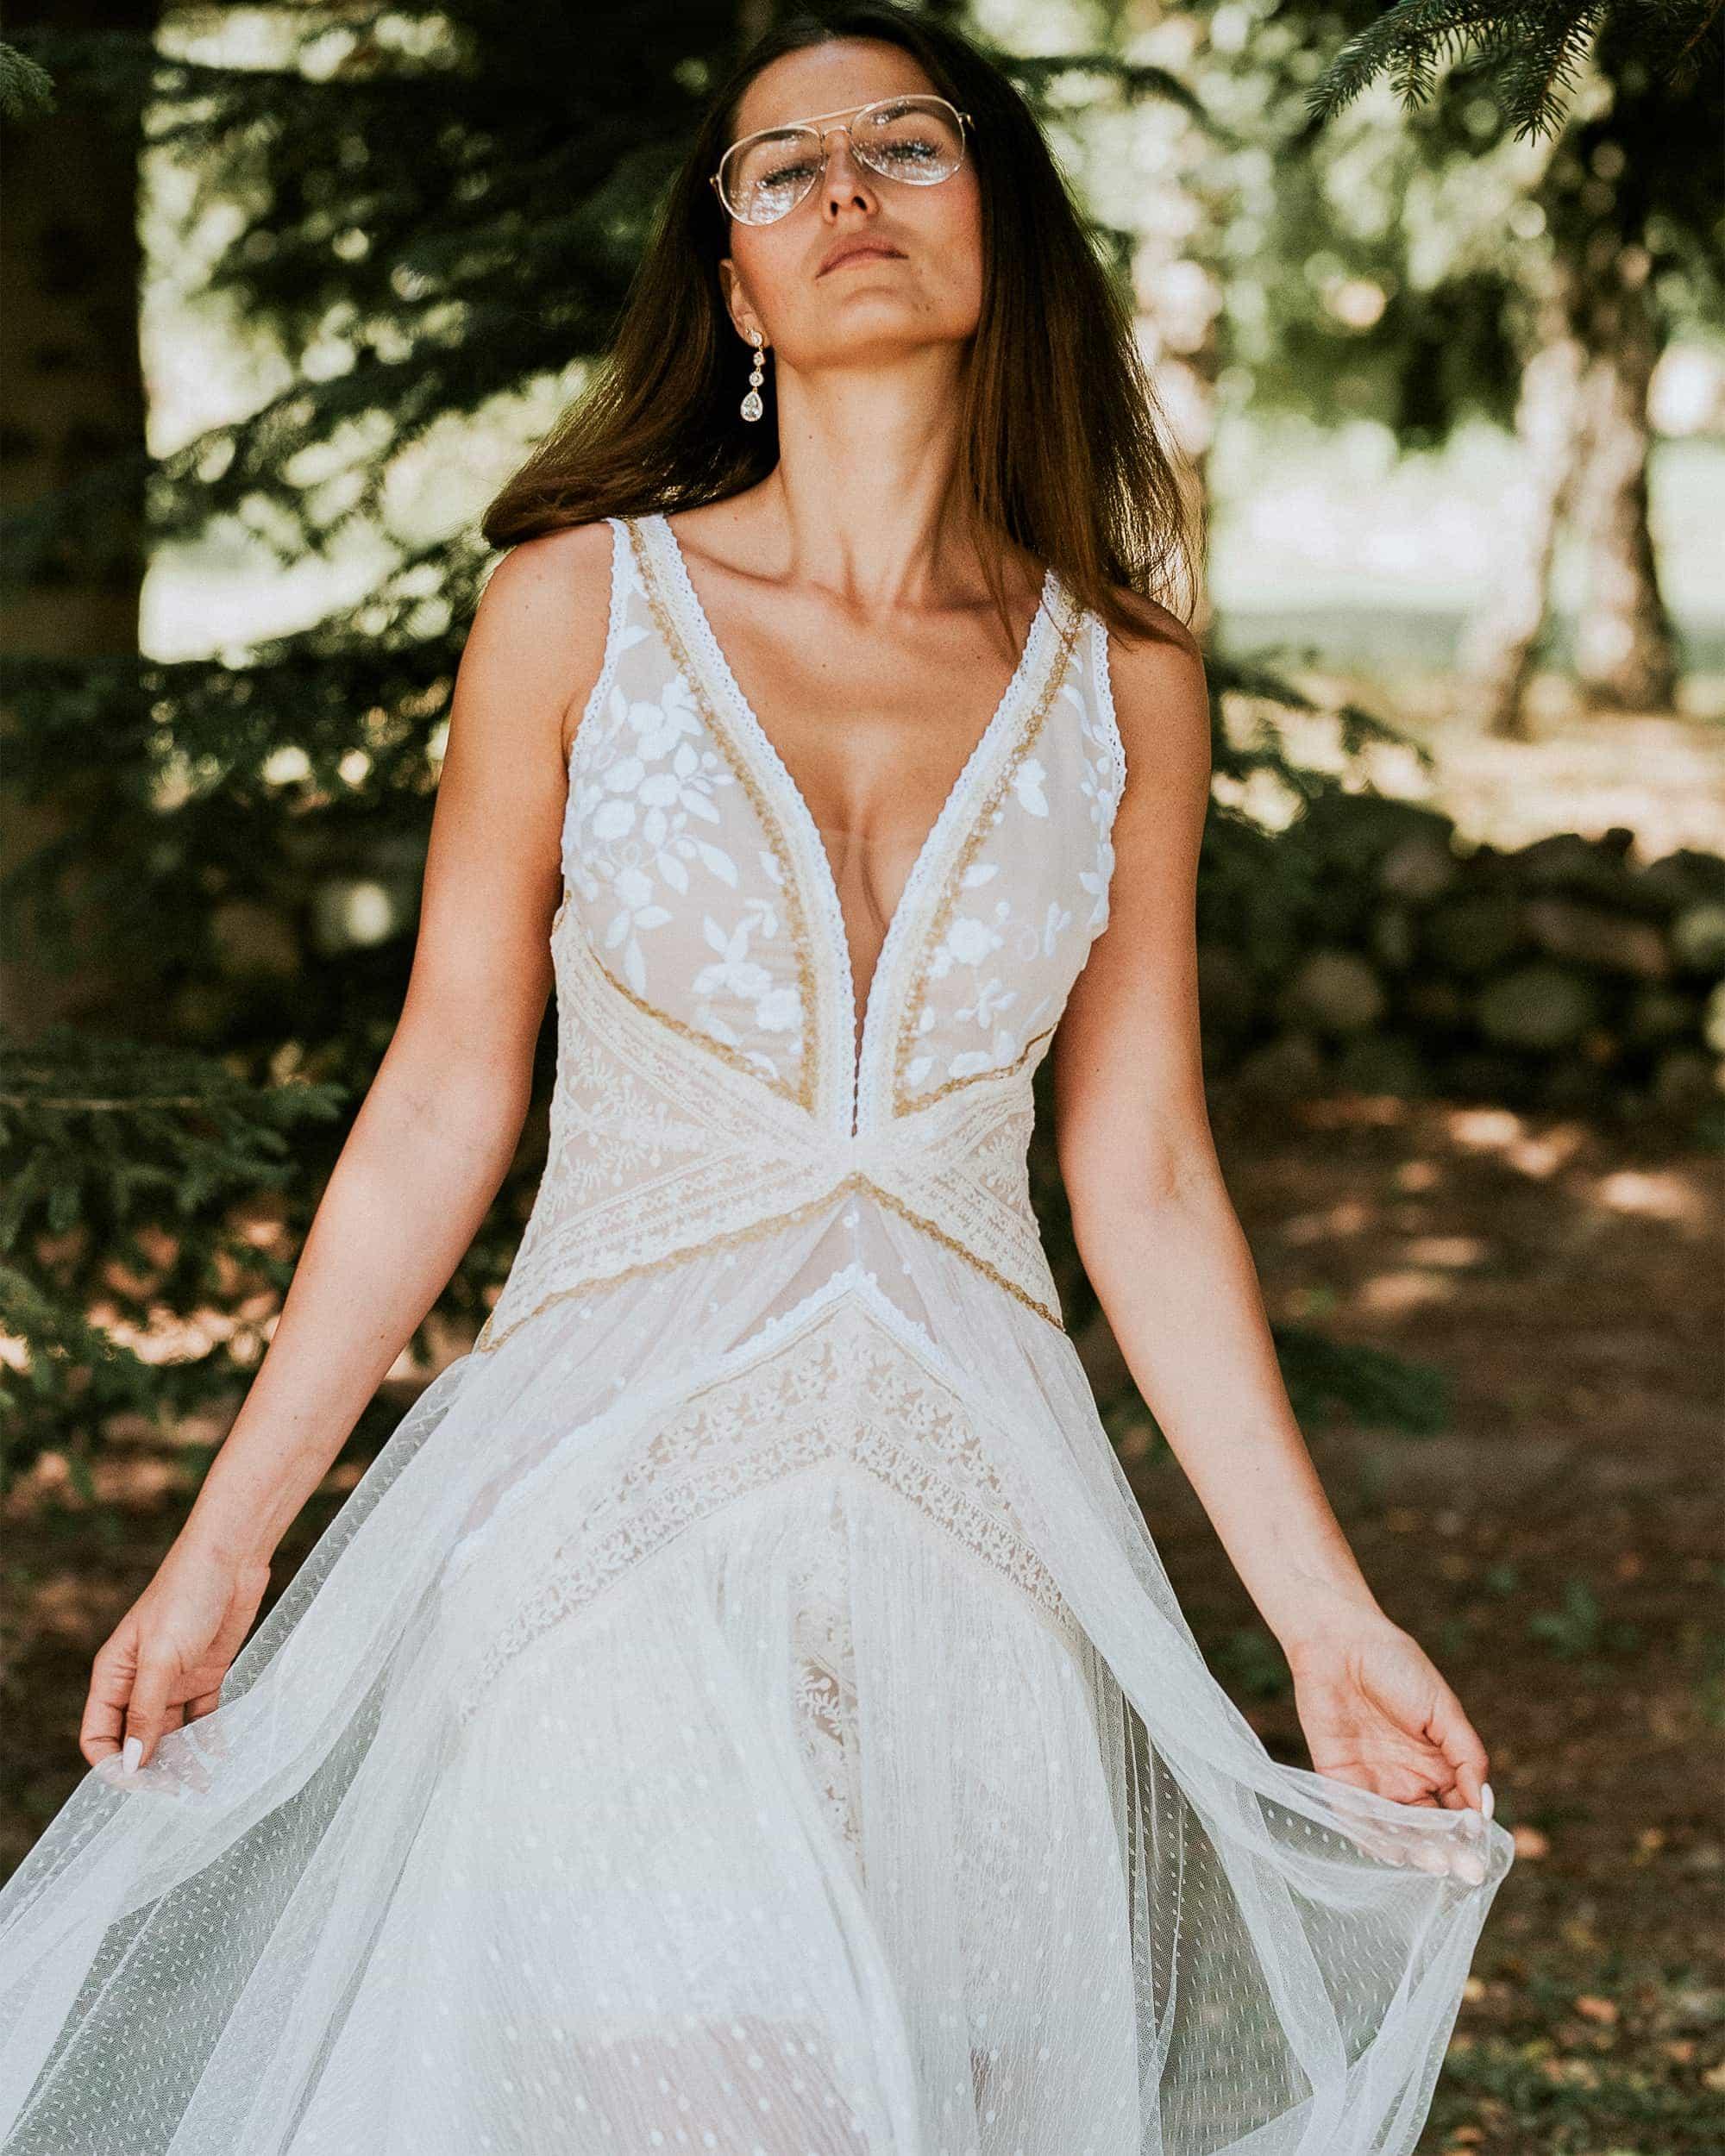 Kwintenescja modnych i ekskluzywnych sukien ślubnych - Barcelona 3